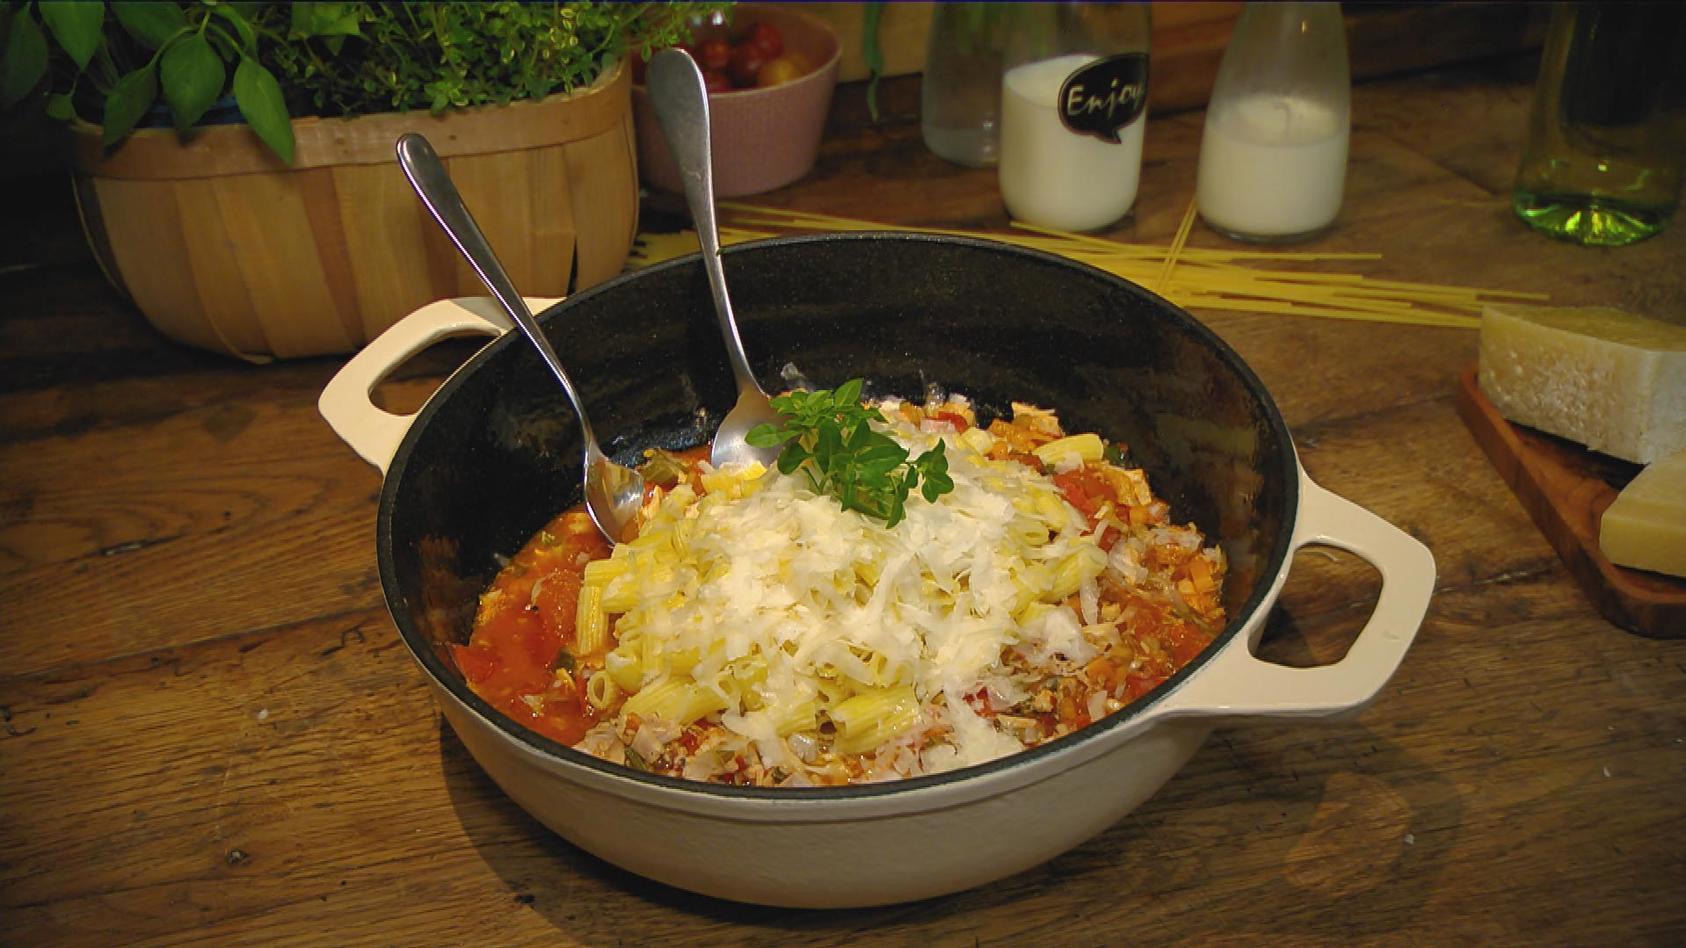 Heute gibt's Pasta. Basta!: Pasta mit Hähnchen-Bolognese